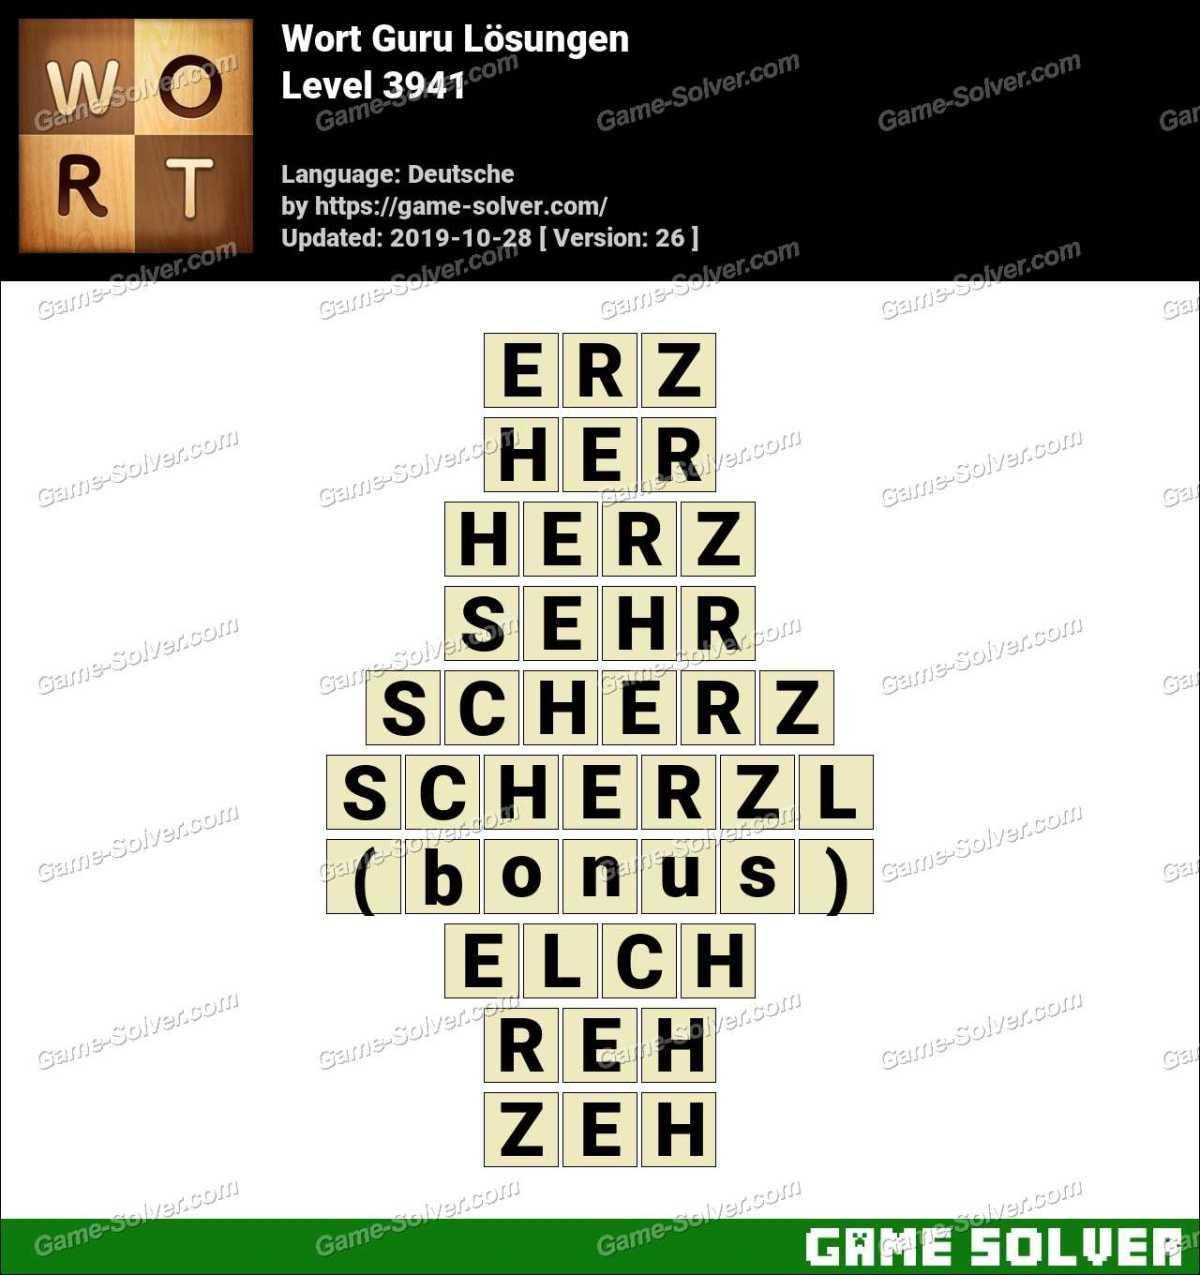 Wort Guru Level 3941 Lösungen